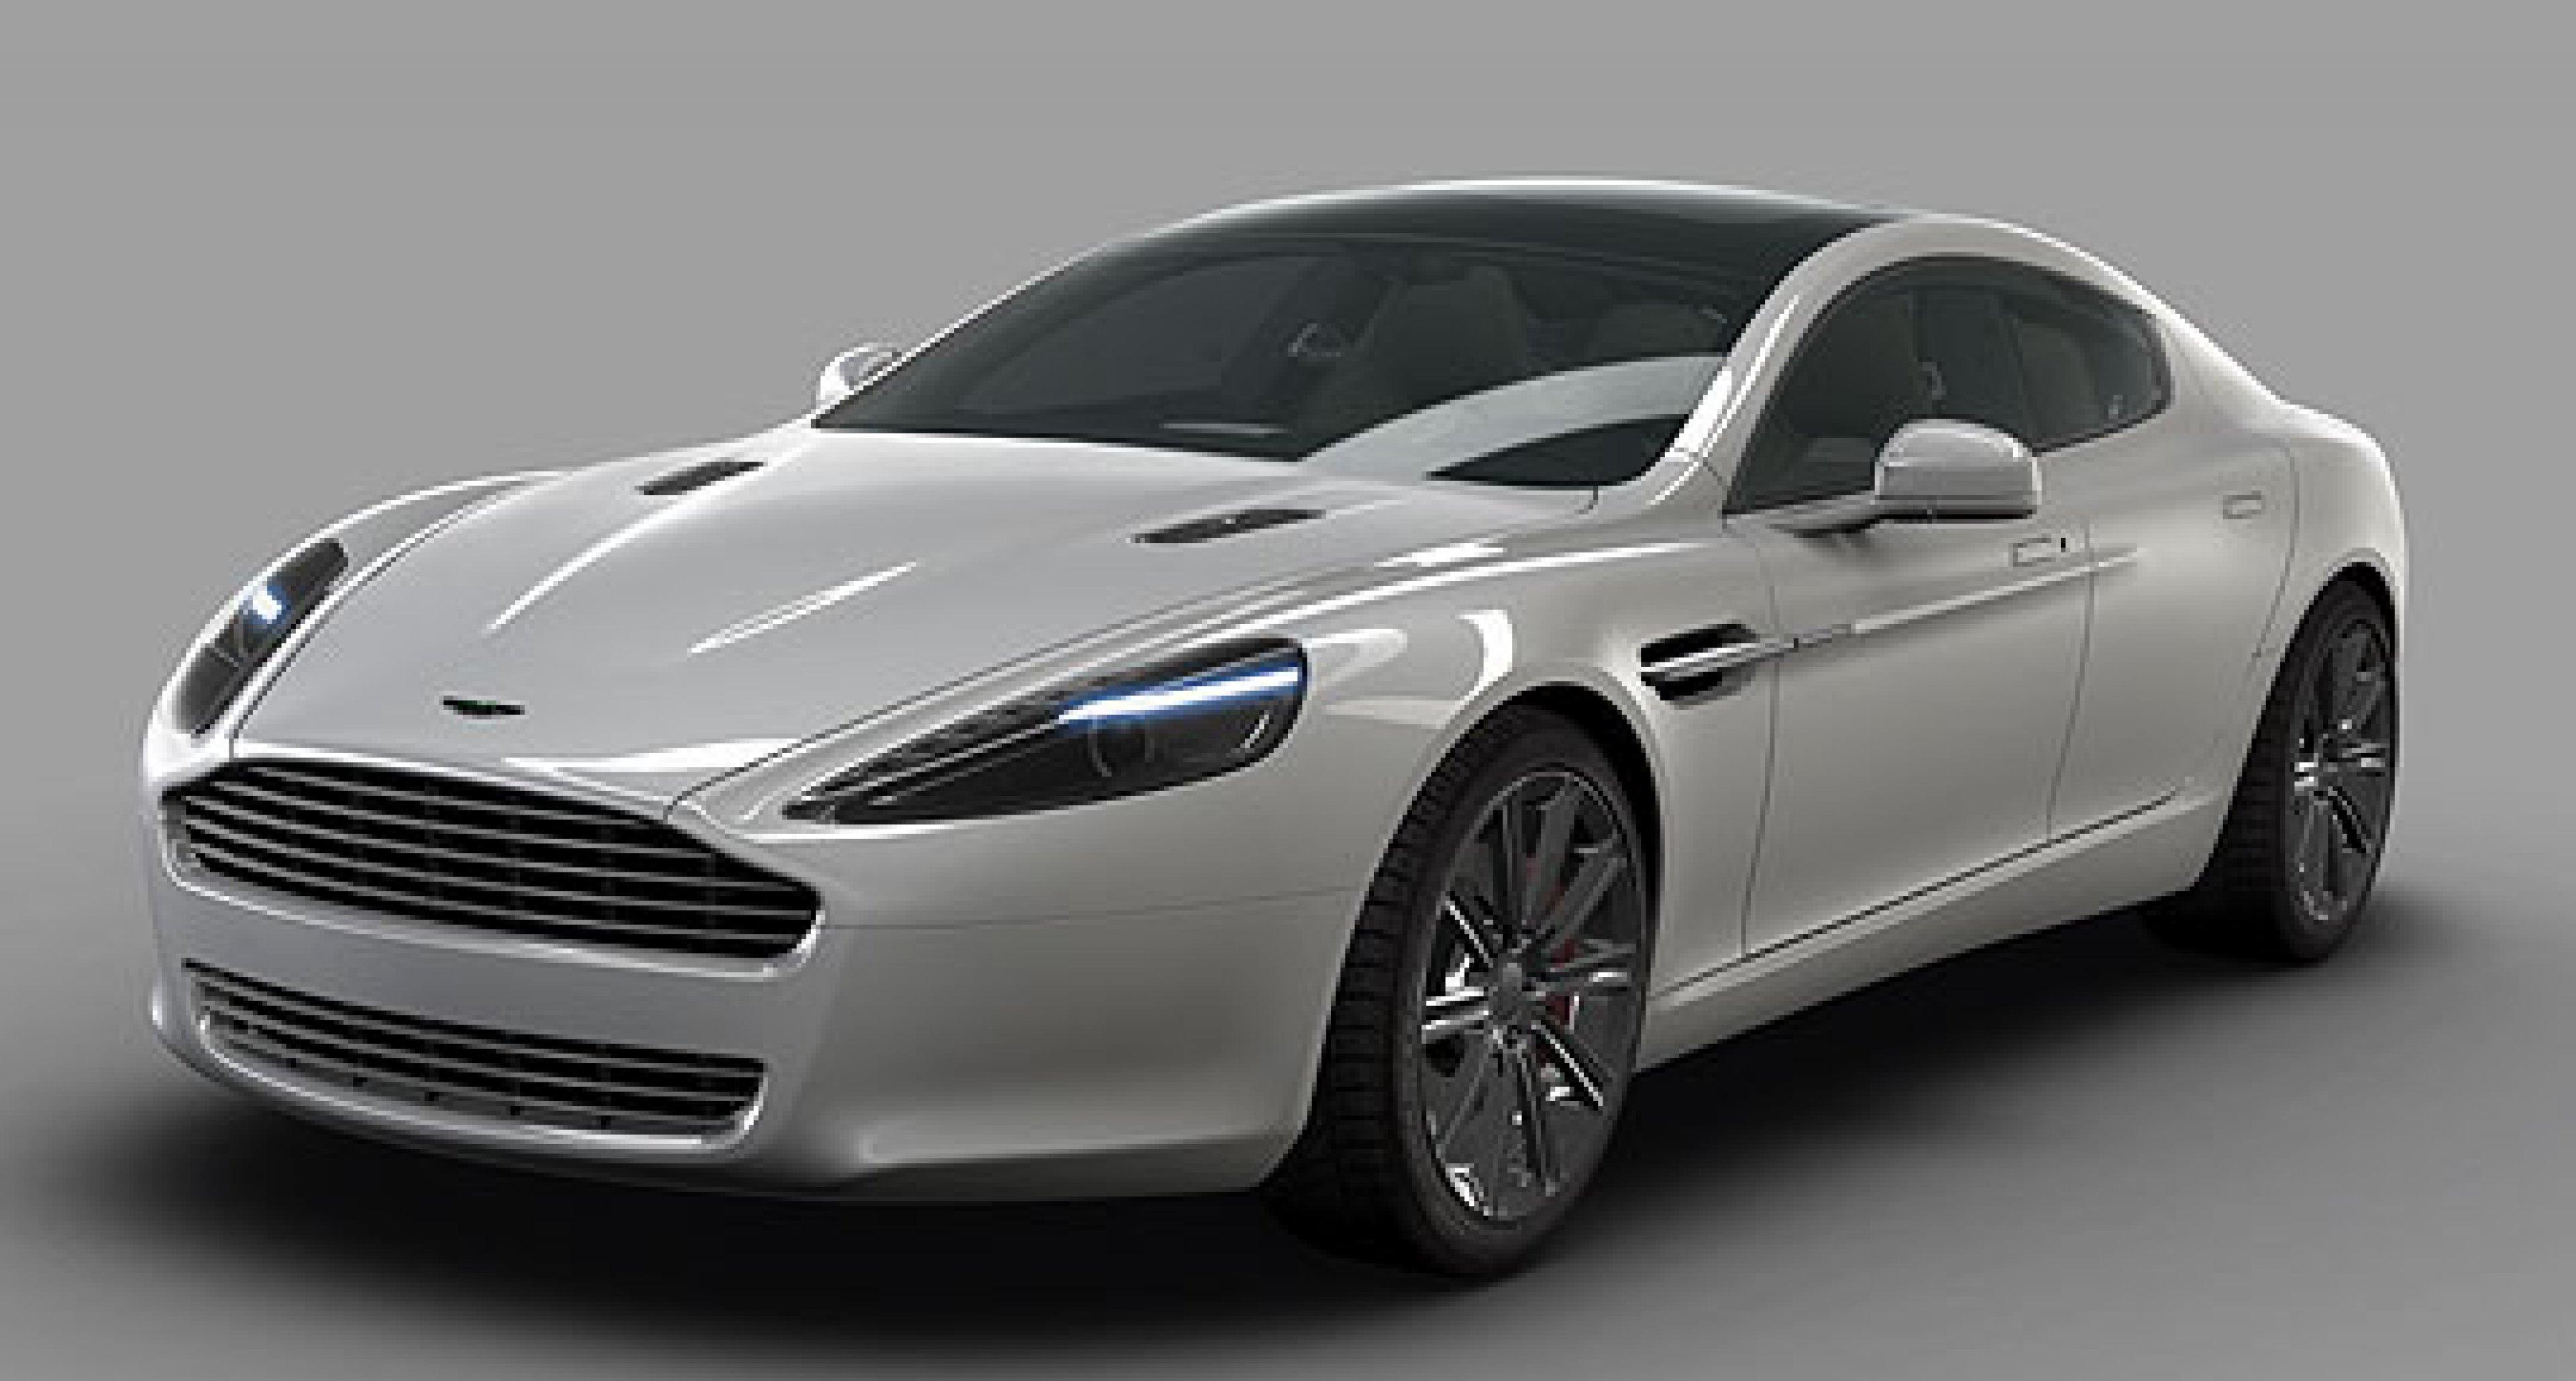 Aston Martin Rapide – New Official Photos